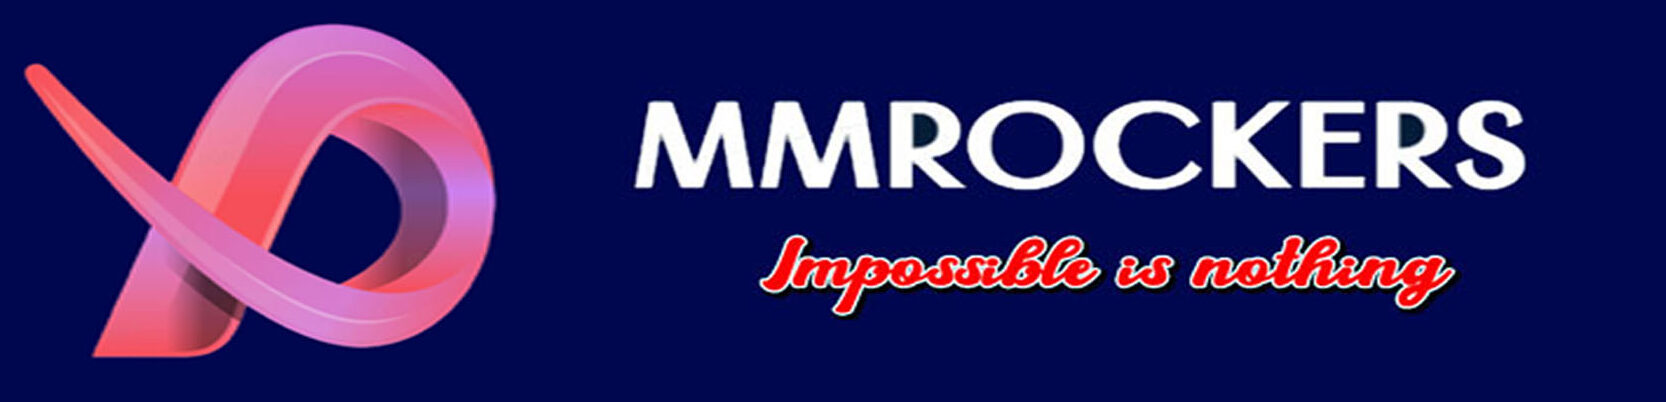 MMRockers